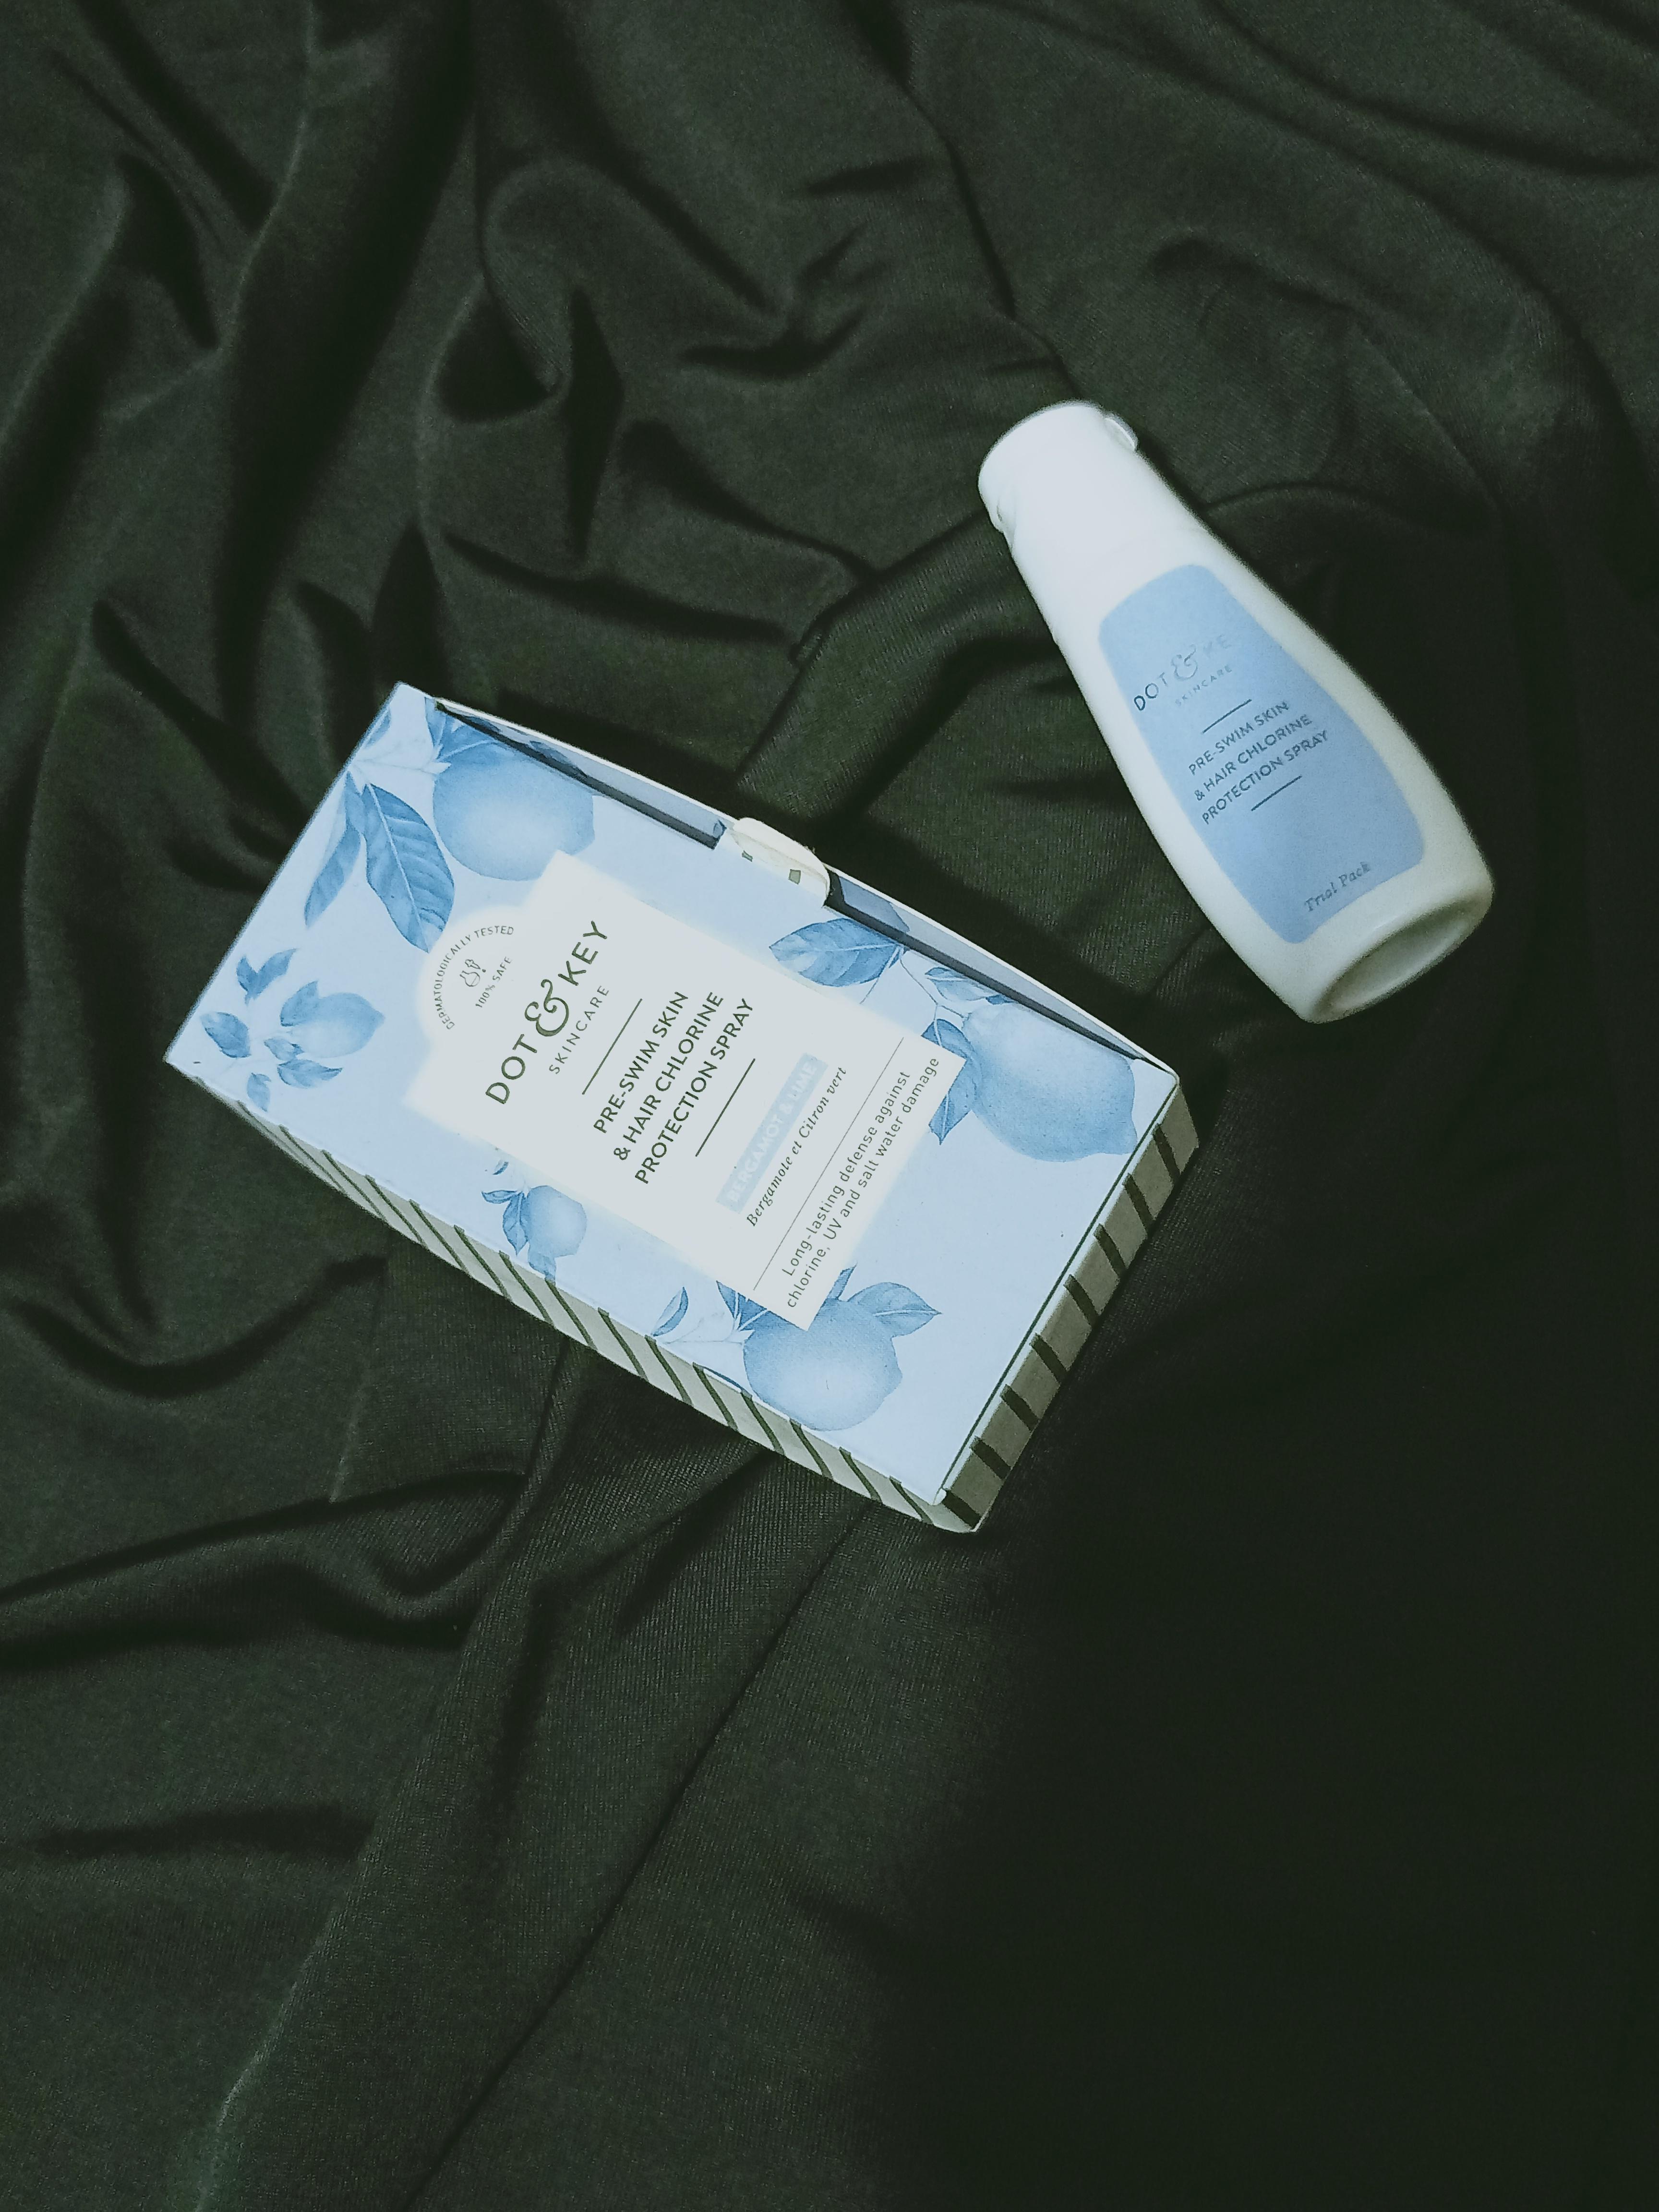 Dot & Key Pre Swim Skin & Hair Chlorine Protection Spray SPF 30 -Pre swim spray-By lilgirl27